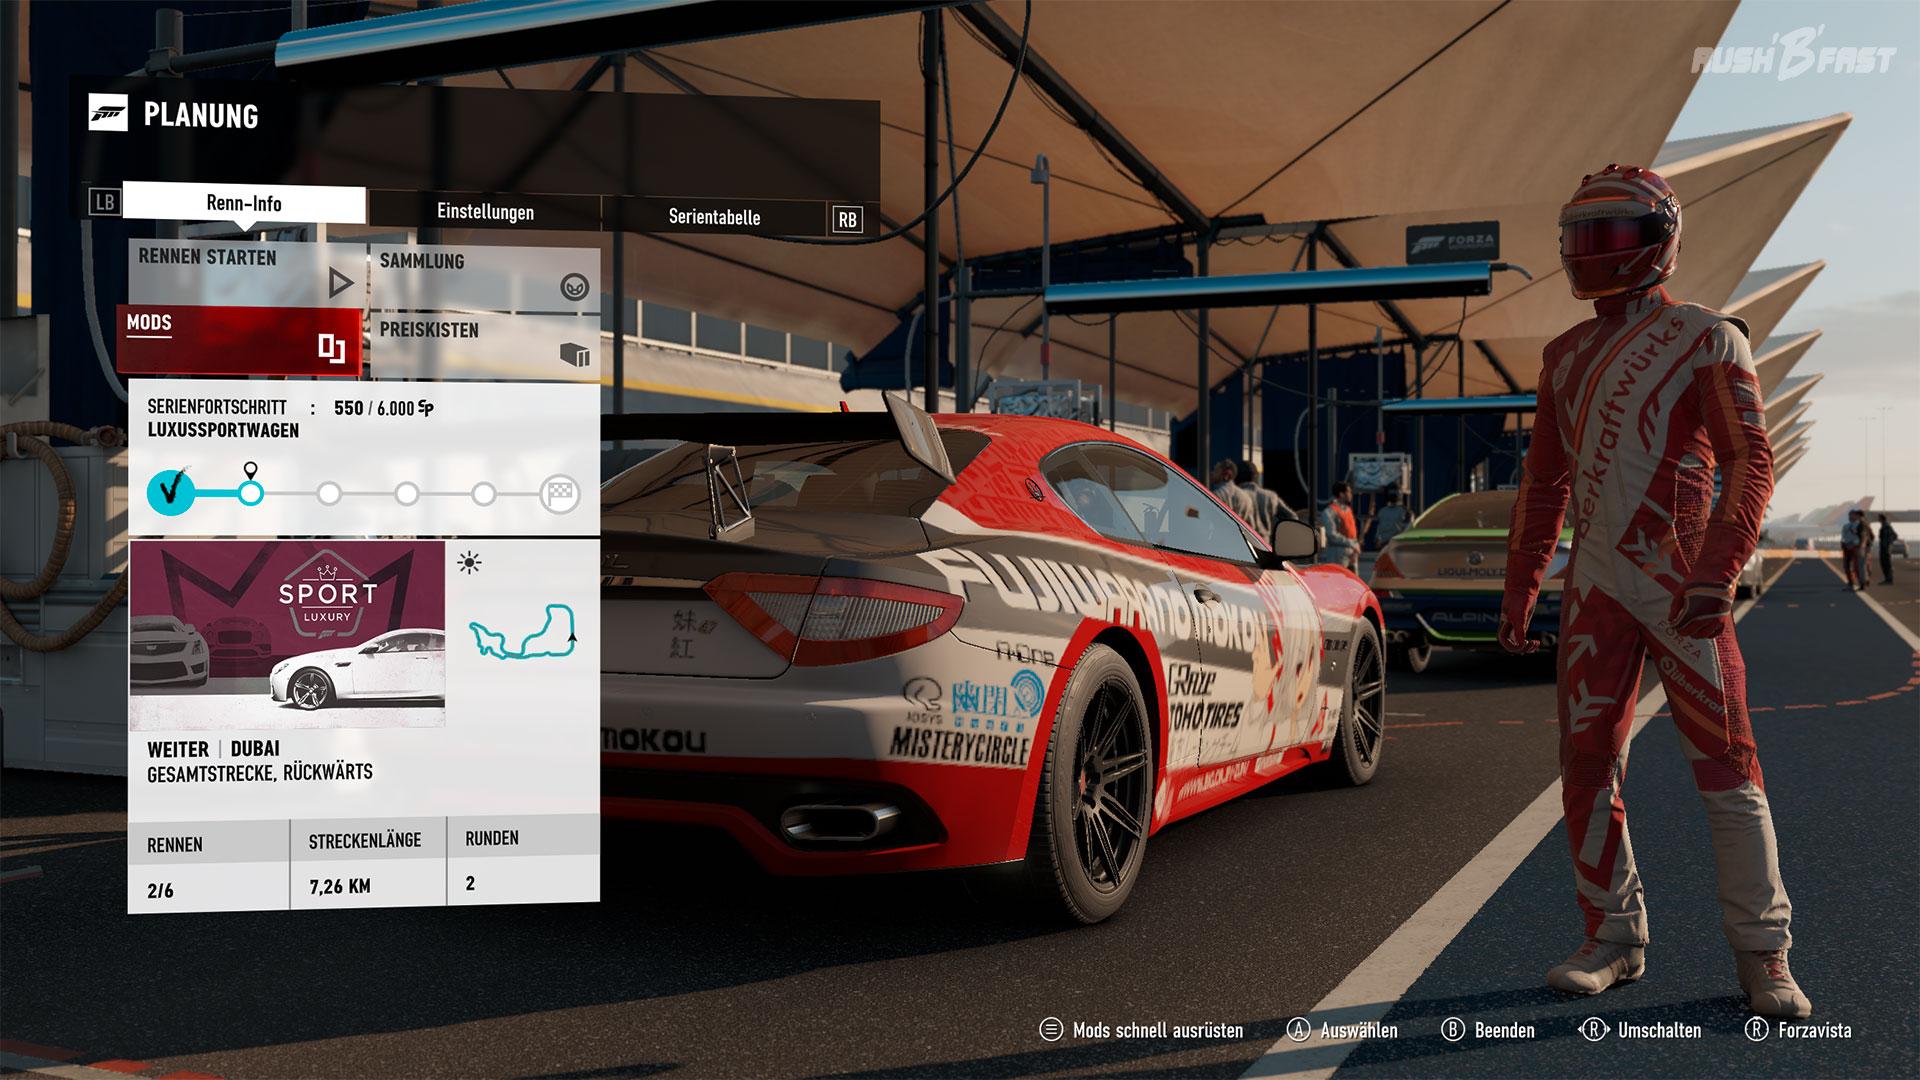 Forza Motorsport 7 - Mods für Ingame-Credits können zusätzliche Boni freischalten